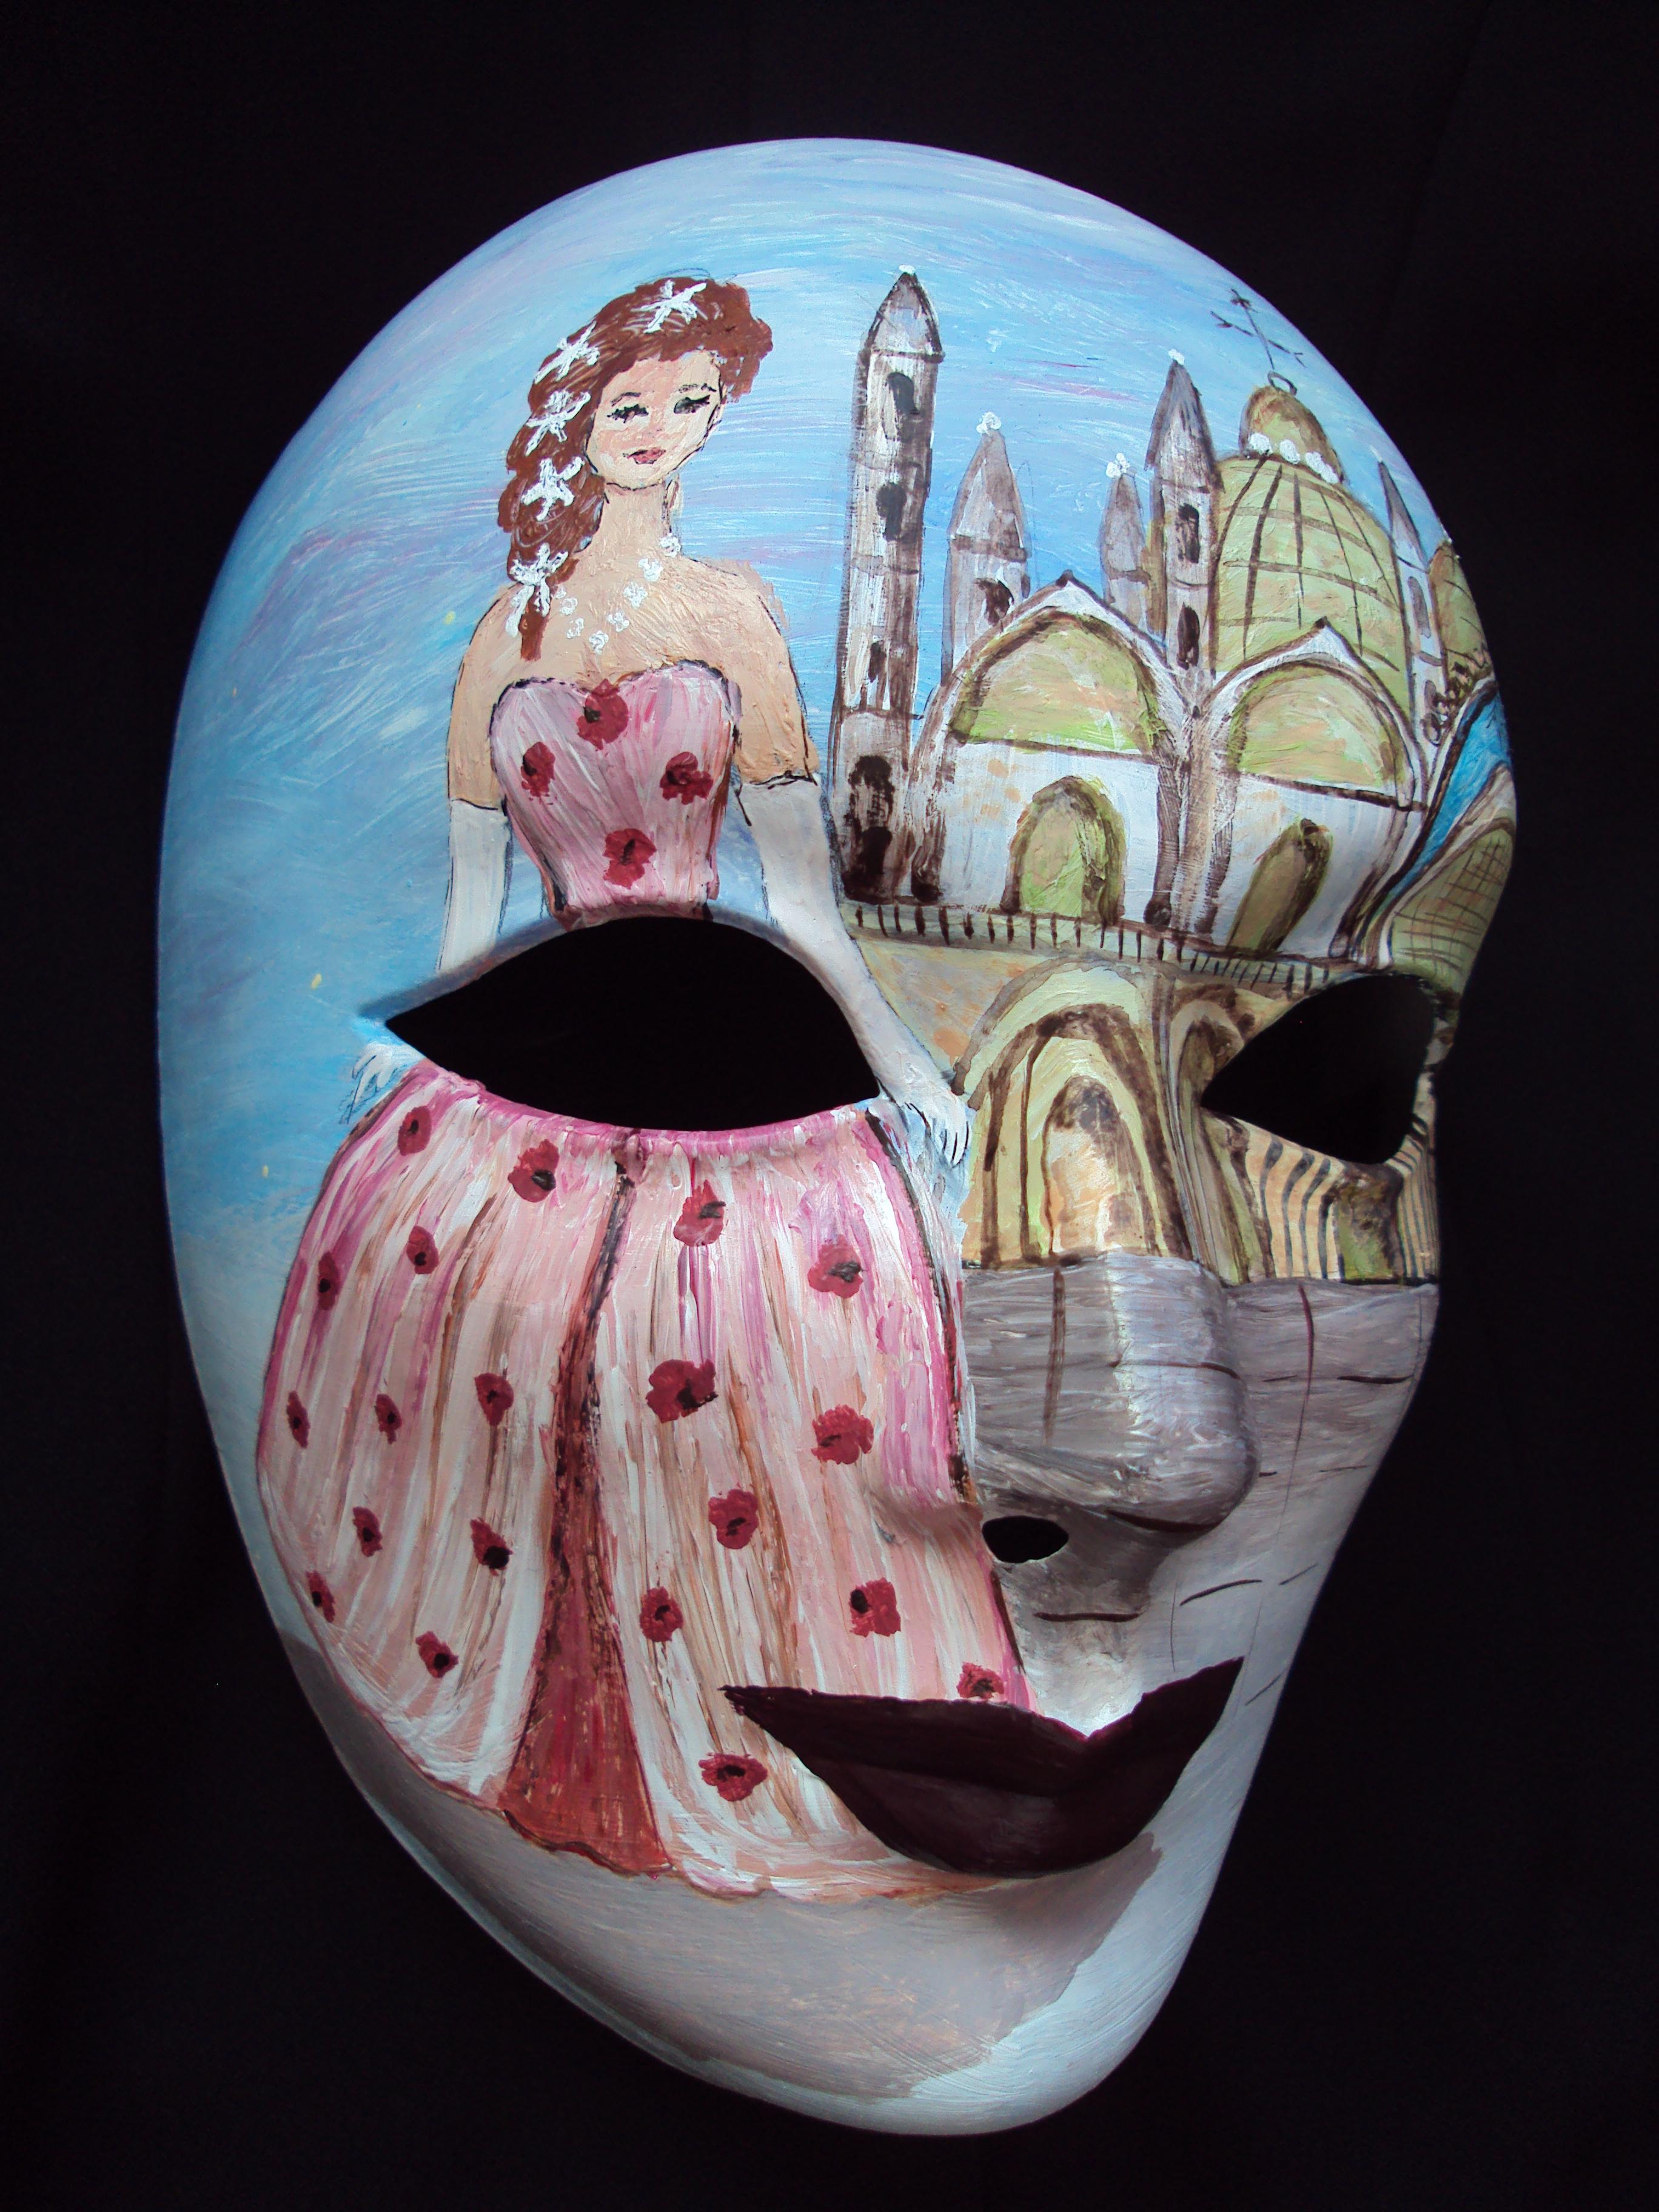 Peinture sur masque v nitien chantal costumes - Masque a peinture ...